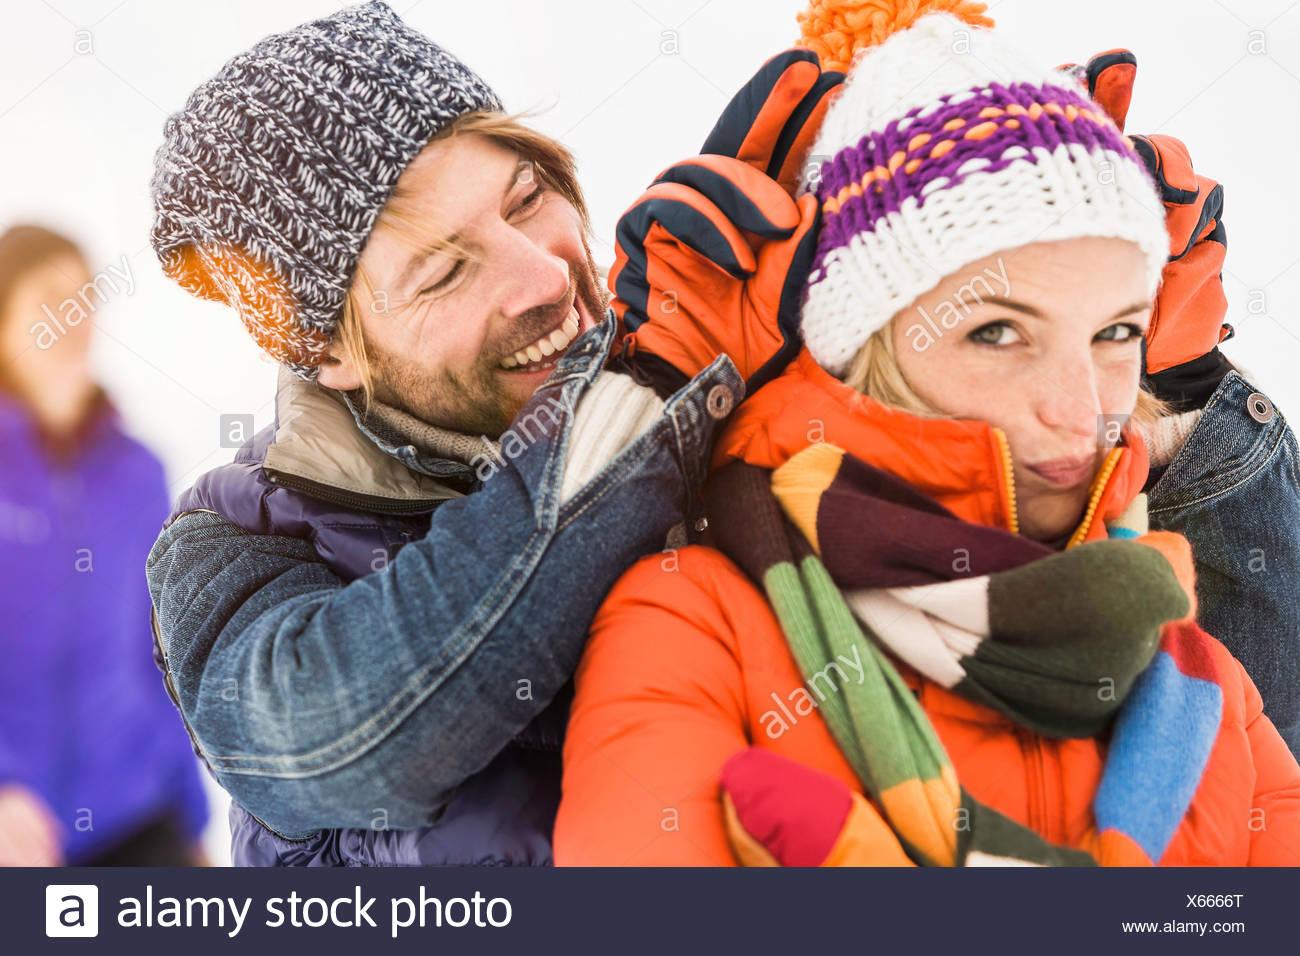 Hombre haciendo orejas de conejo detrás de mujer vistiendo knit hat Imagen De Stock